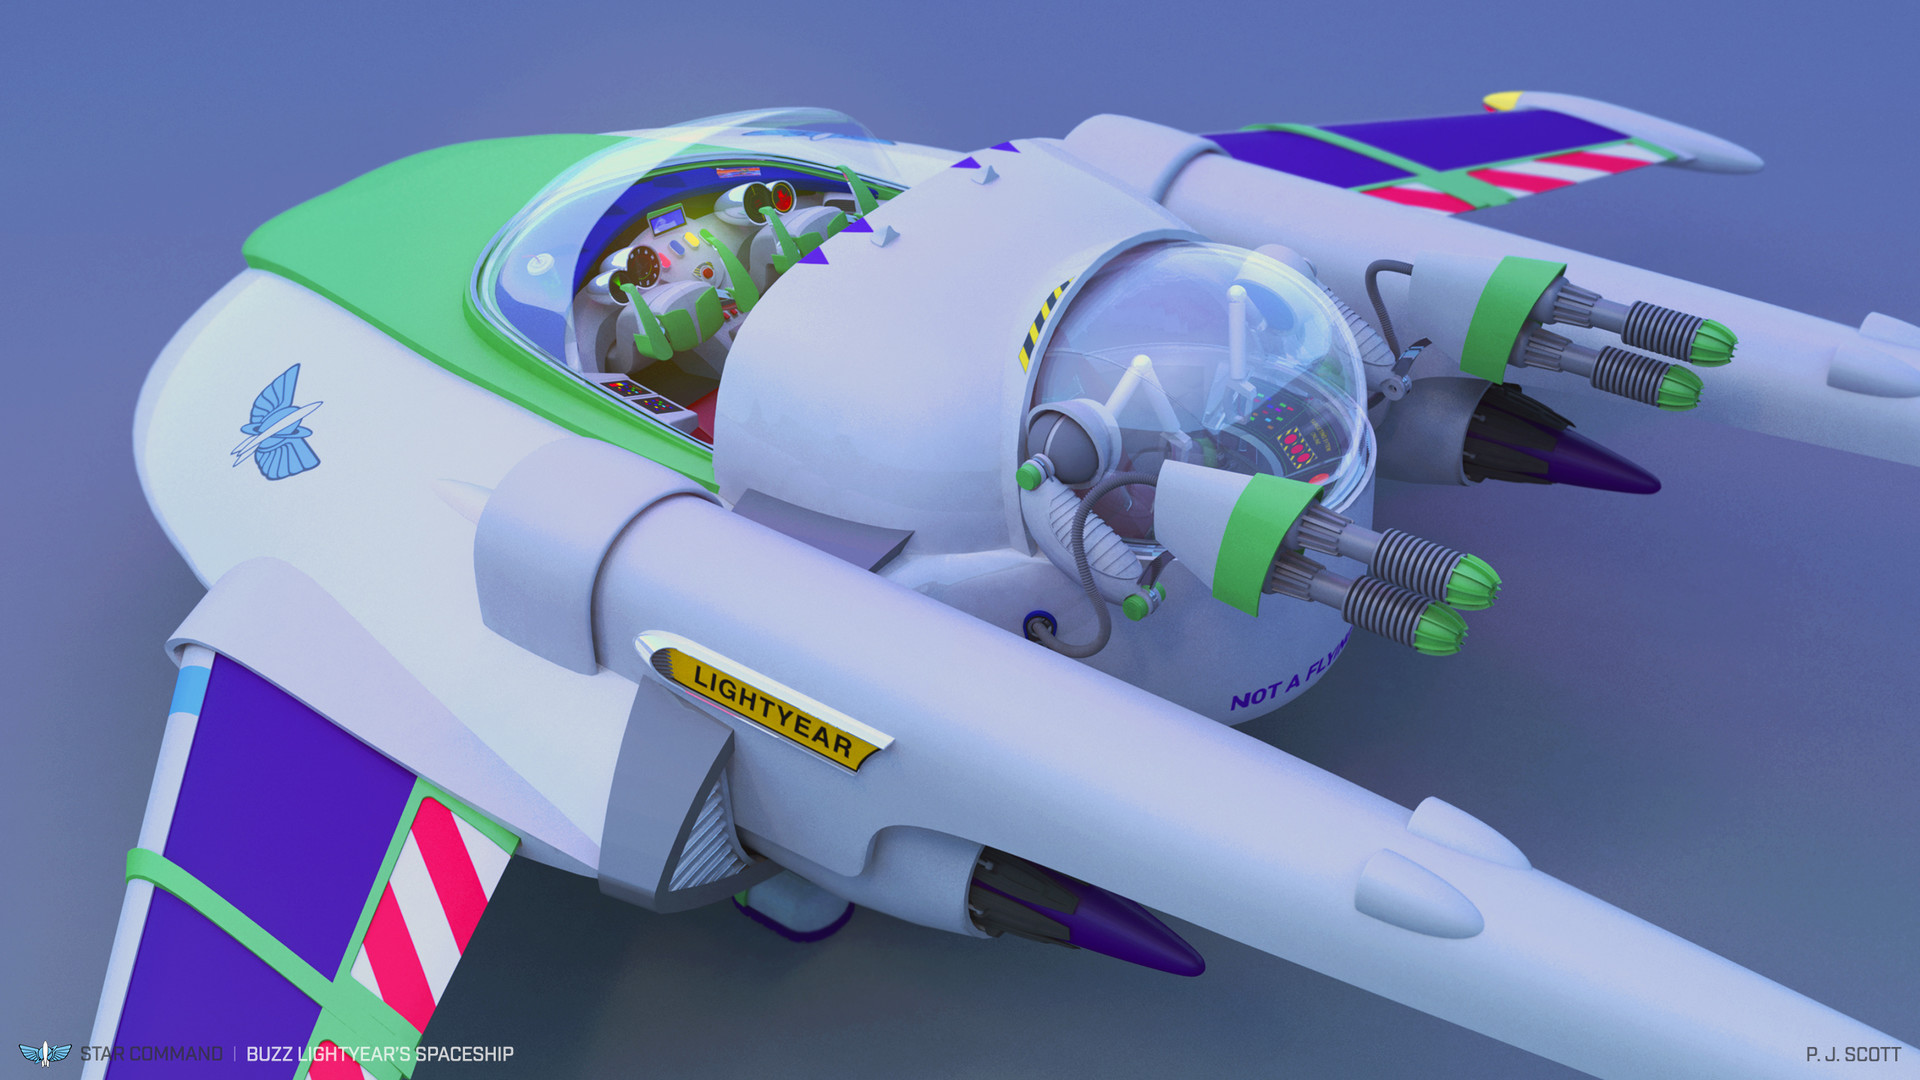 pete-scott-buzz-lightyear-spaceship-04.j